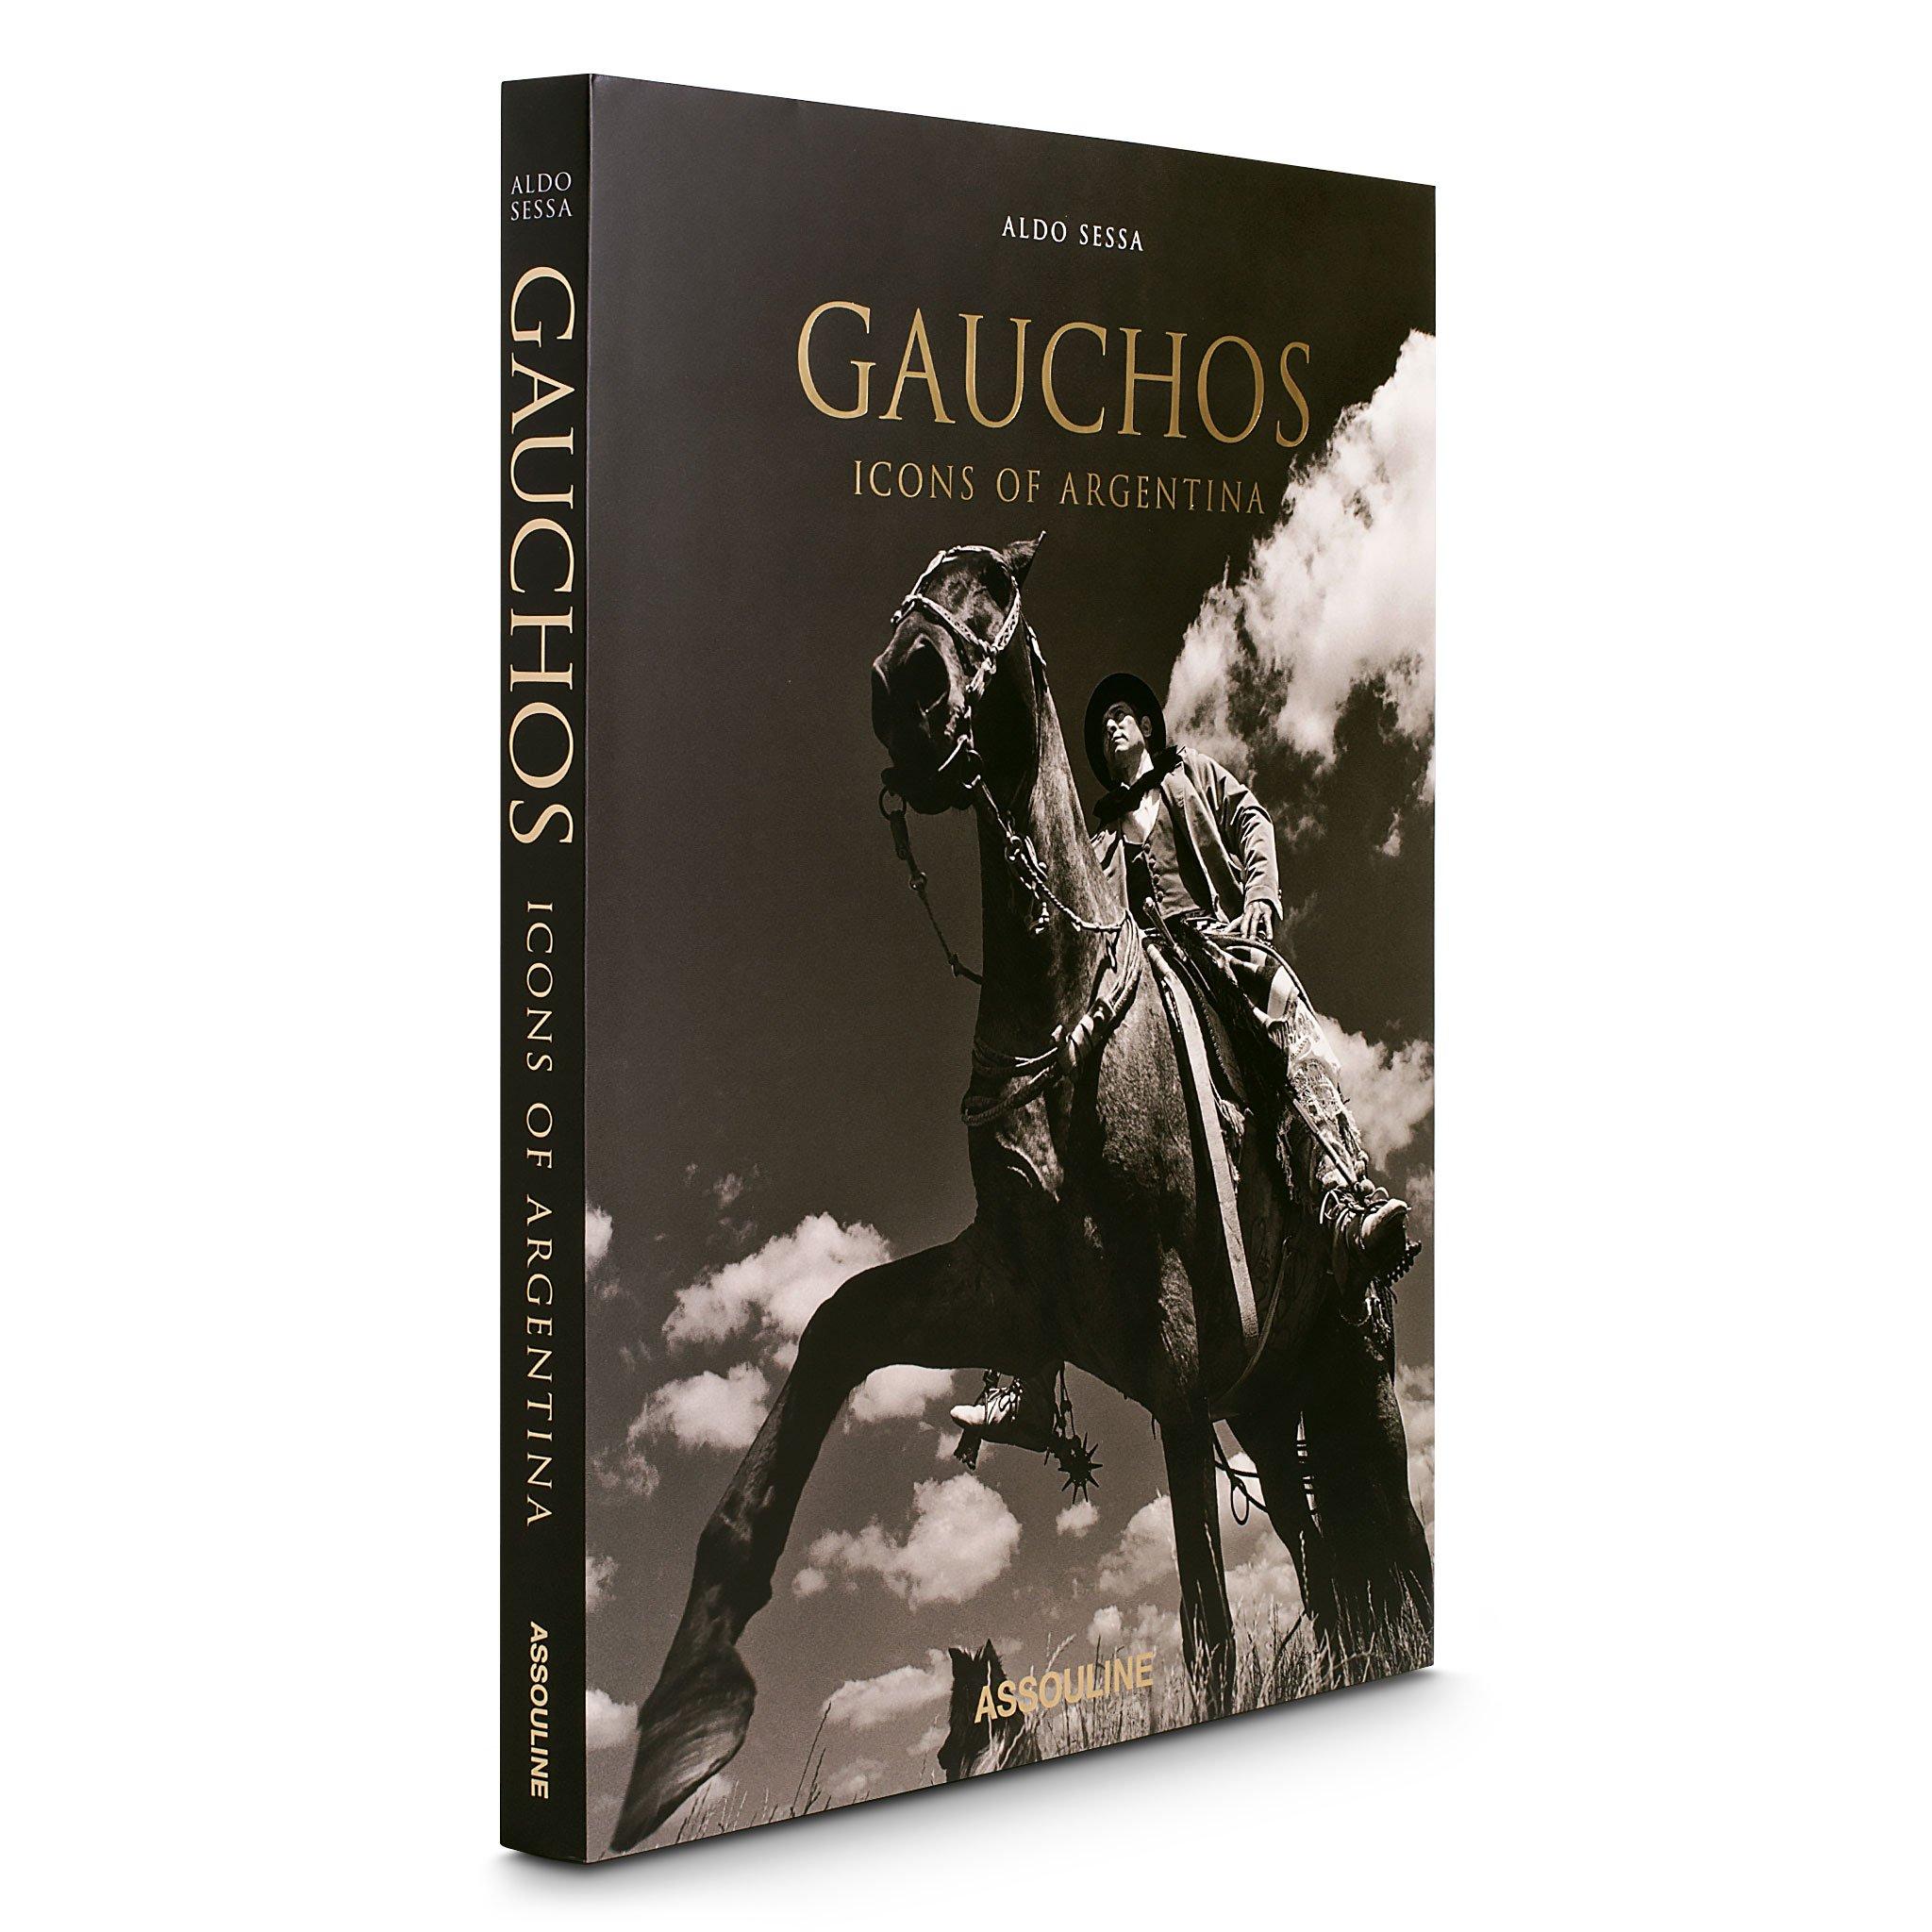 Gauchos: Icons of Argentina (Polo): Amazon.es: Páez de la Torre ...